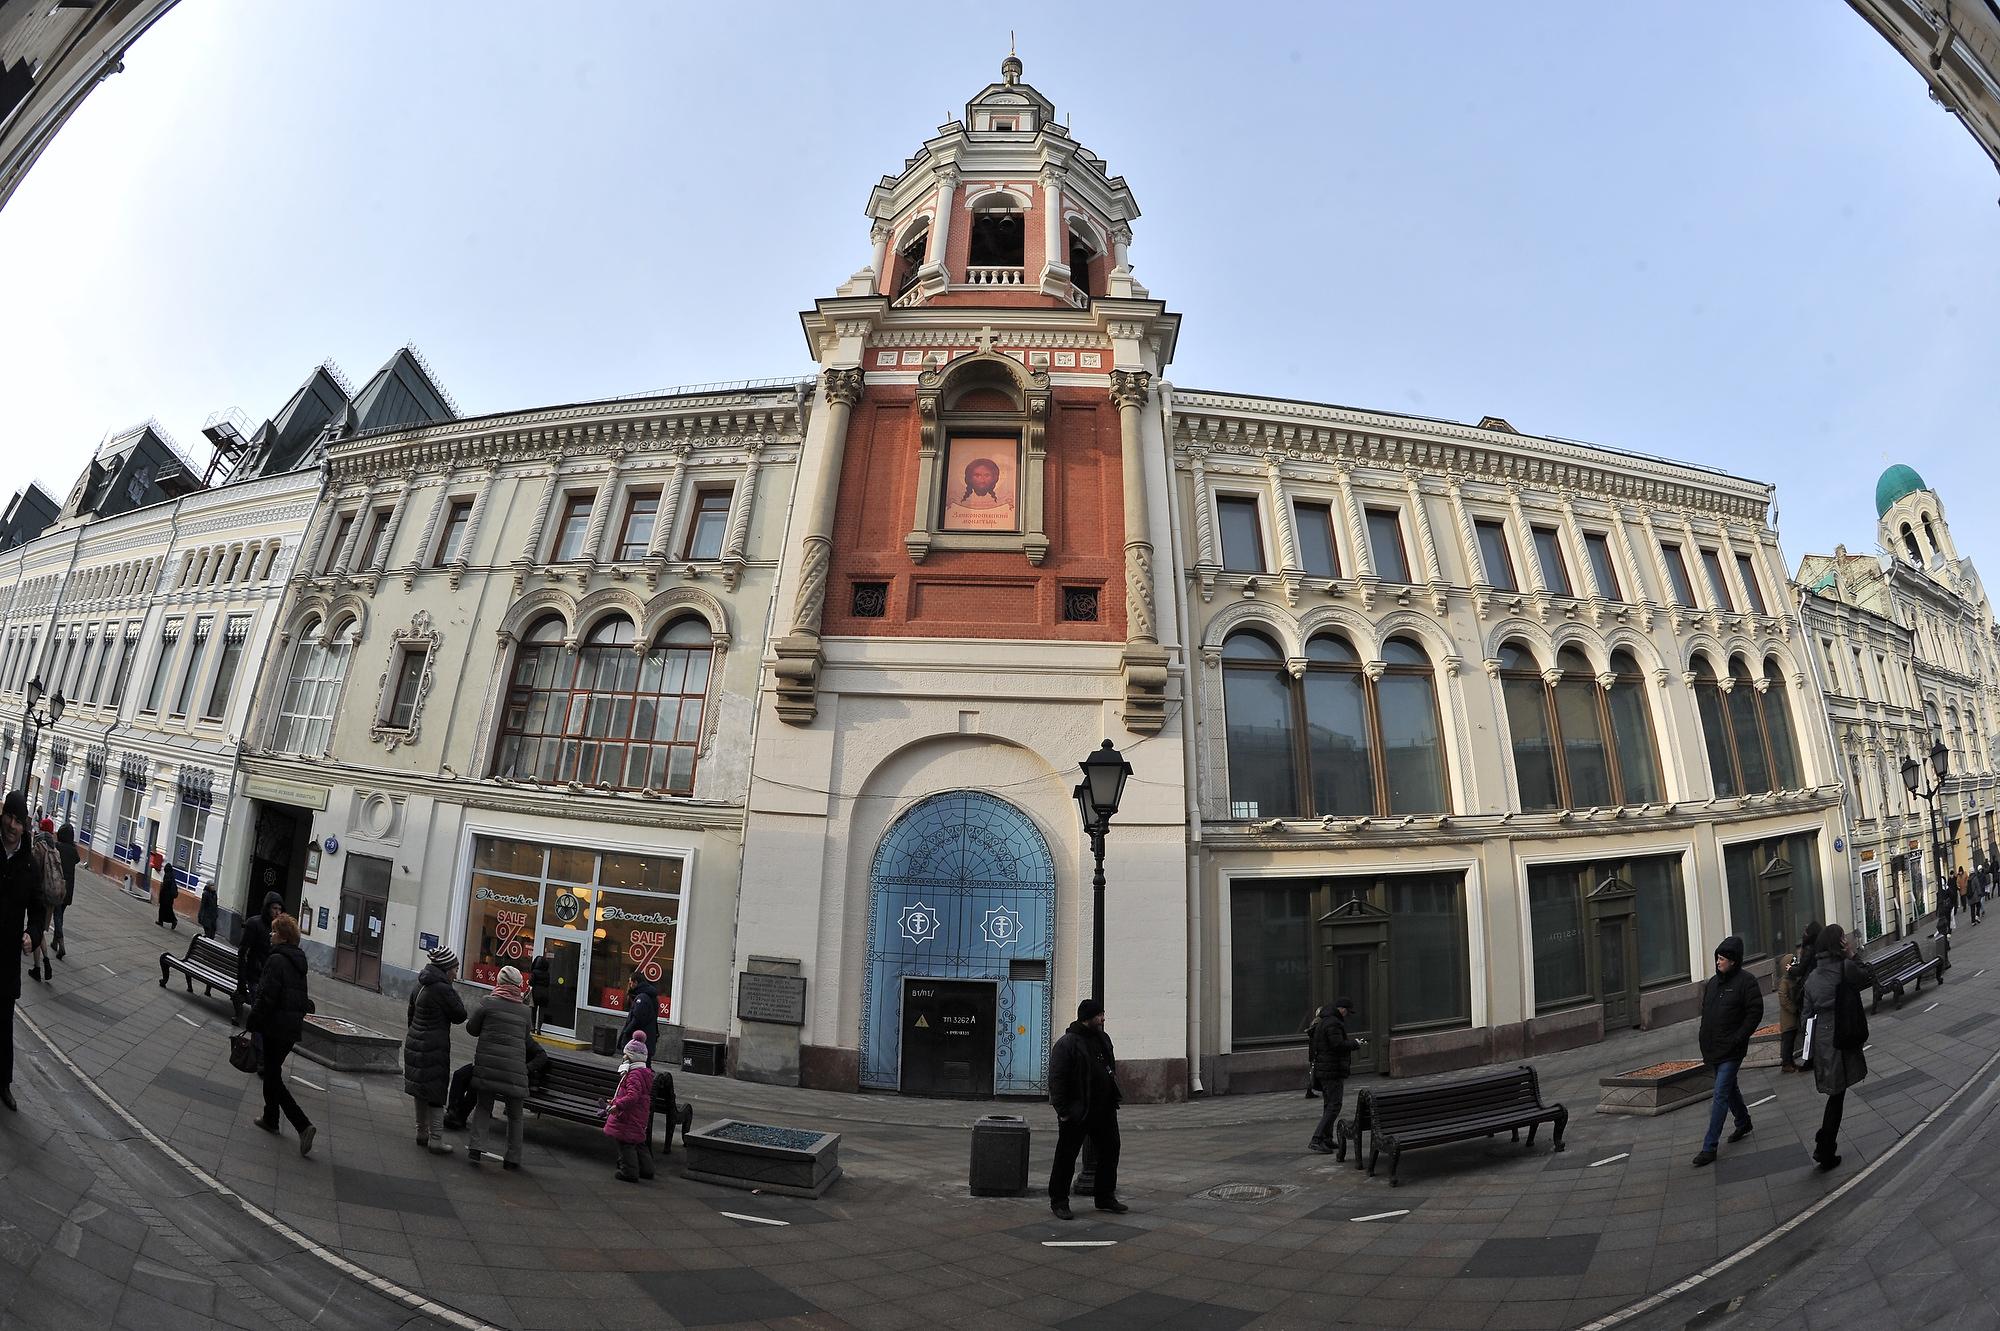 Доходный дом со Святыми воротами Заиконоспасского монастыря, часть строений которого церкви сейчас не принадлежат. Фото: Михаил ФРОЛОВ